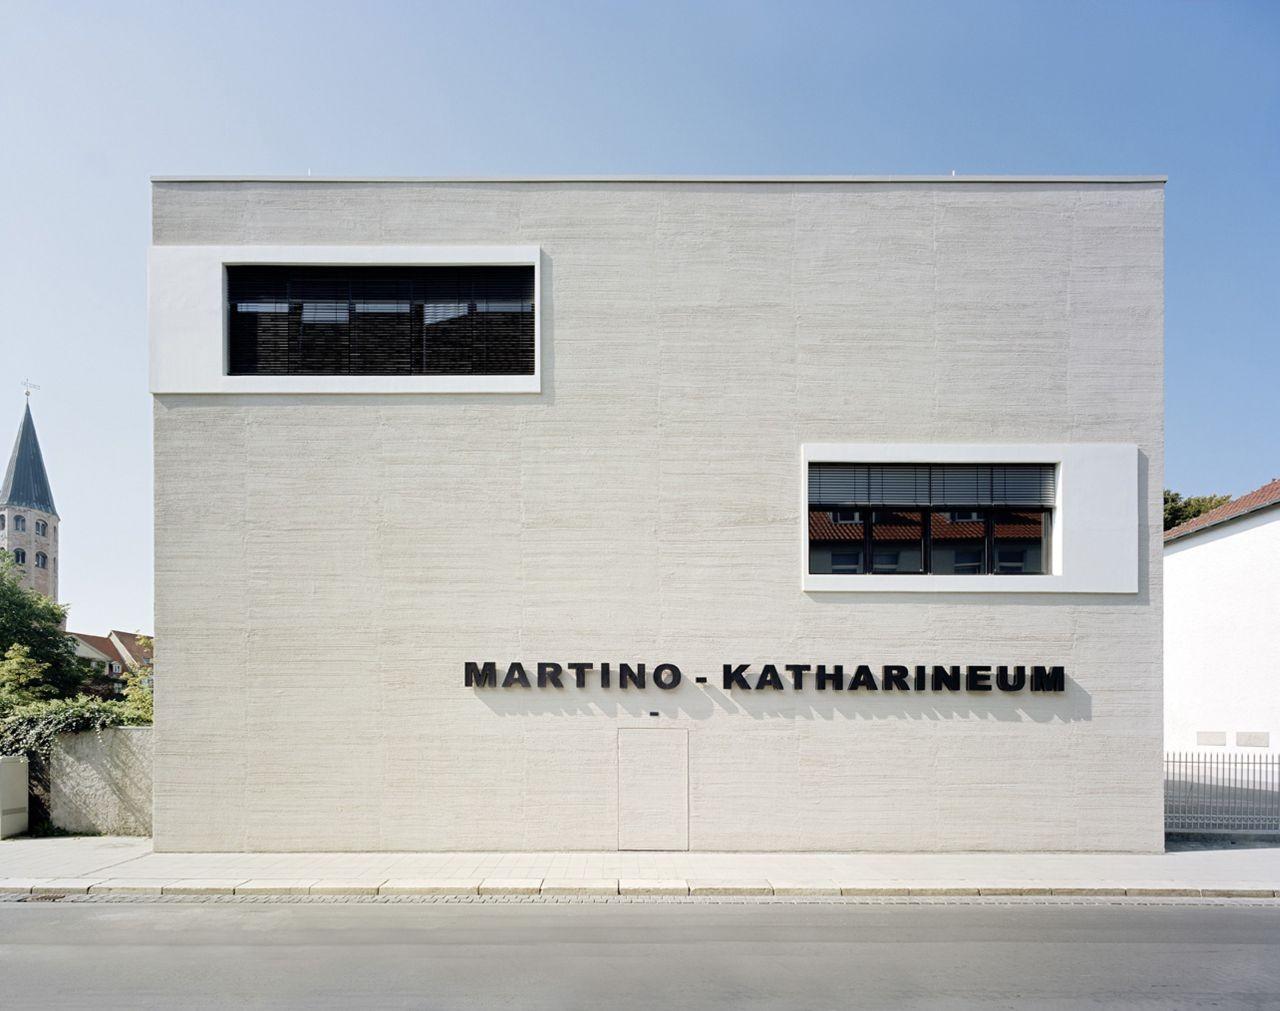 Martino-Katharineum High School / KSP Jürgen Engel Architekten, © Klemens Ortmeyer